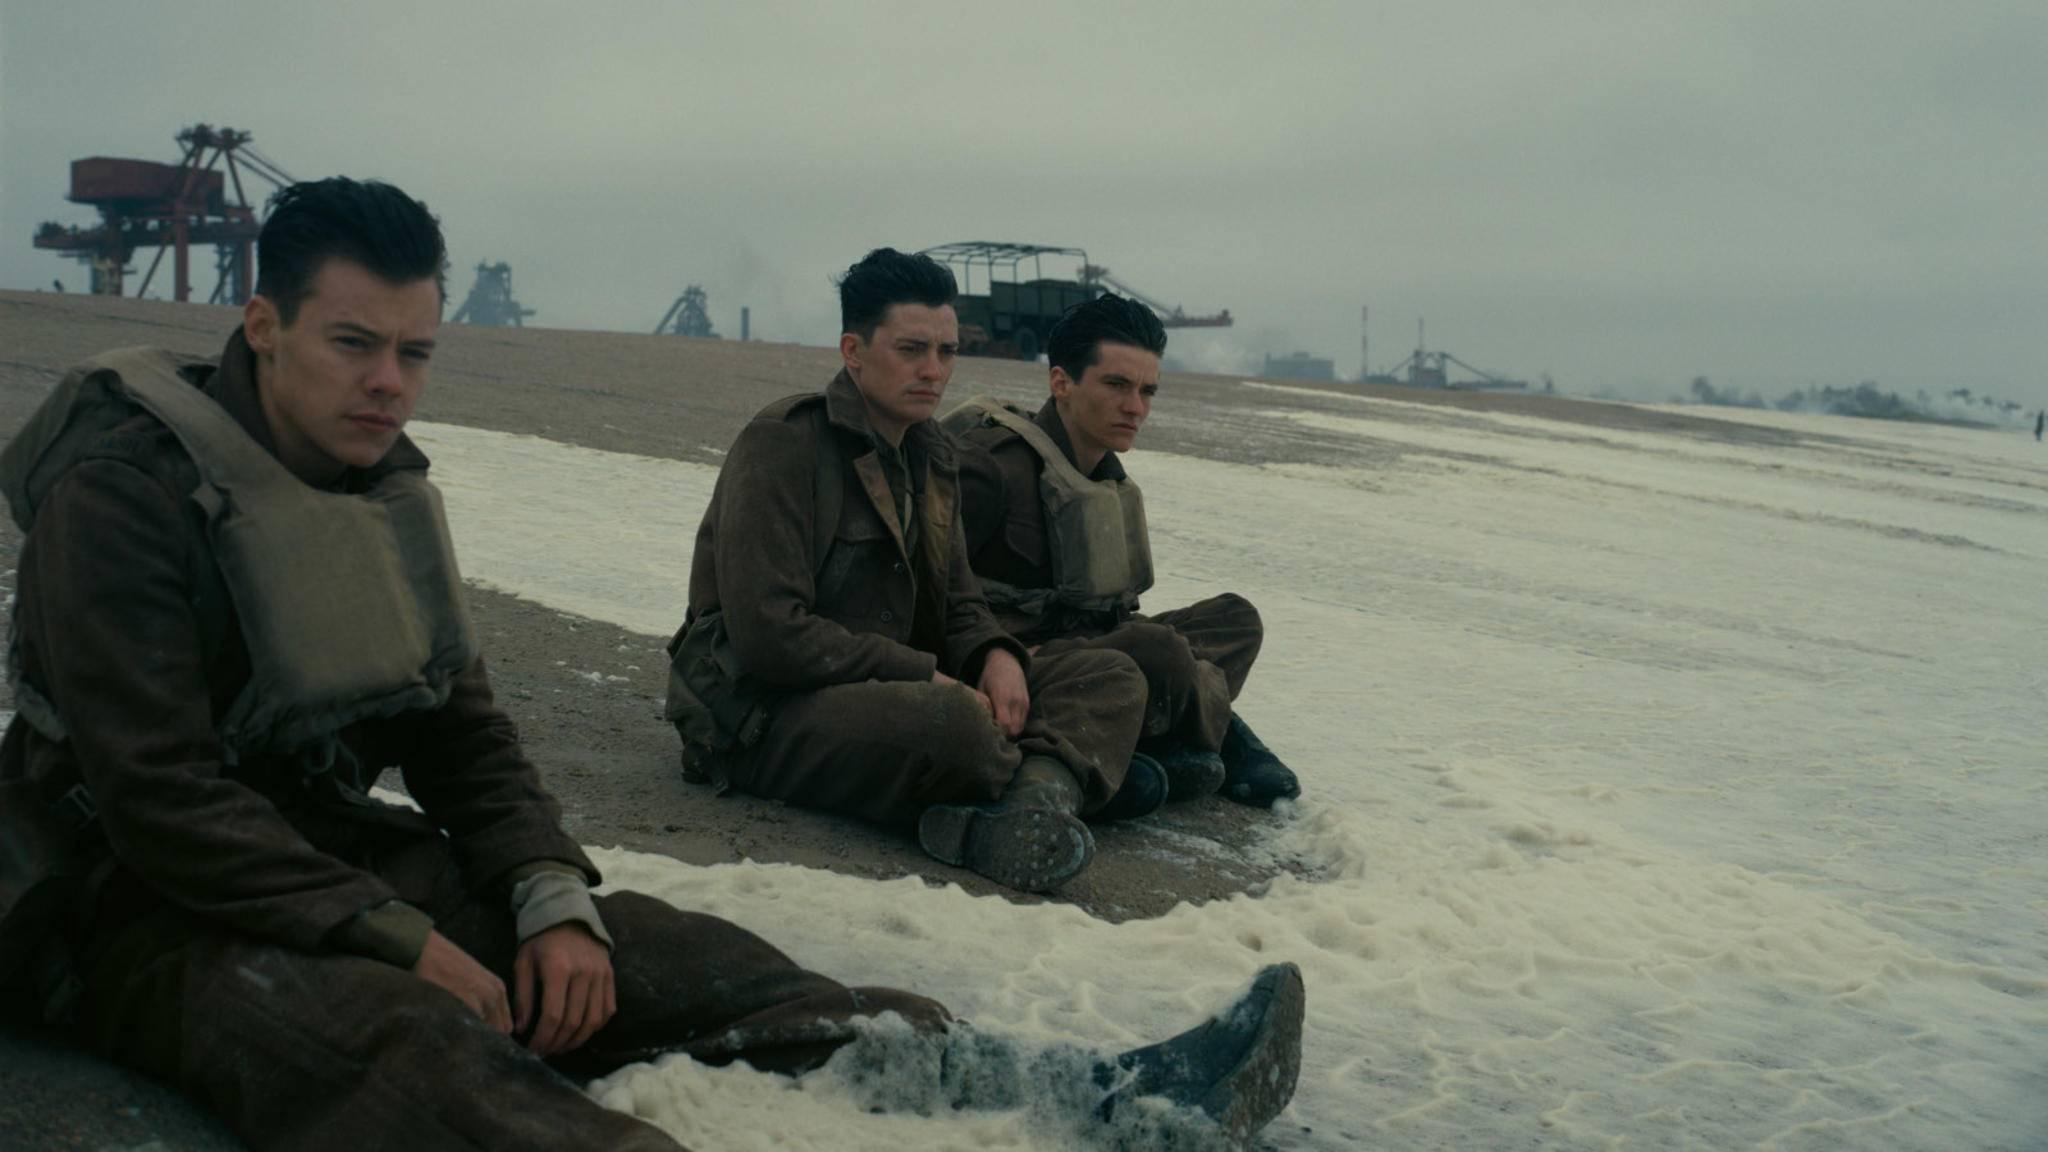 """Vom Popstar zum Filmsoldat: Harry Styles (l.) spielt in """"Dunkirk"""" seine erste Filmrolle."""